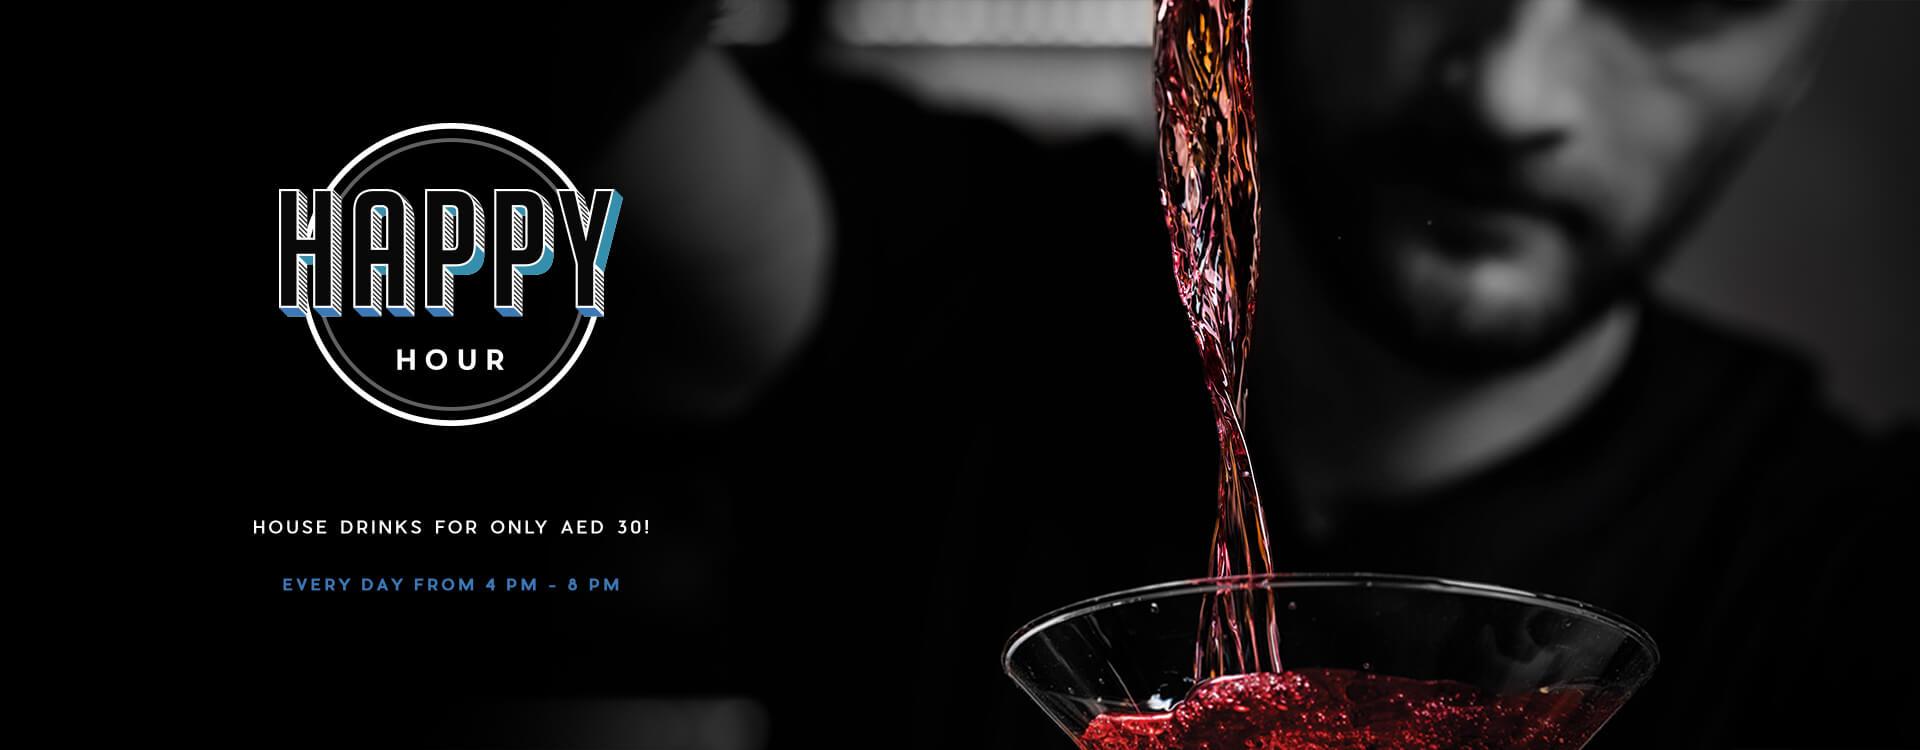 Happy Hour - Distillery Gastropub. After Dark - Banner